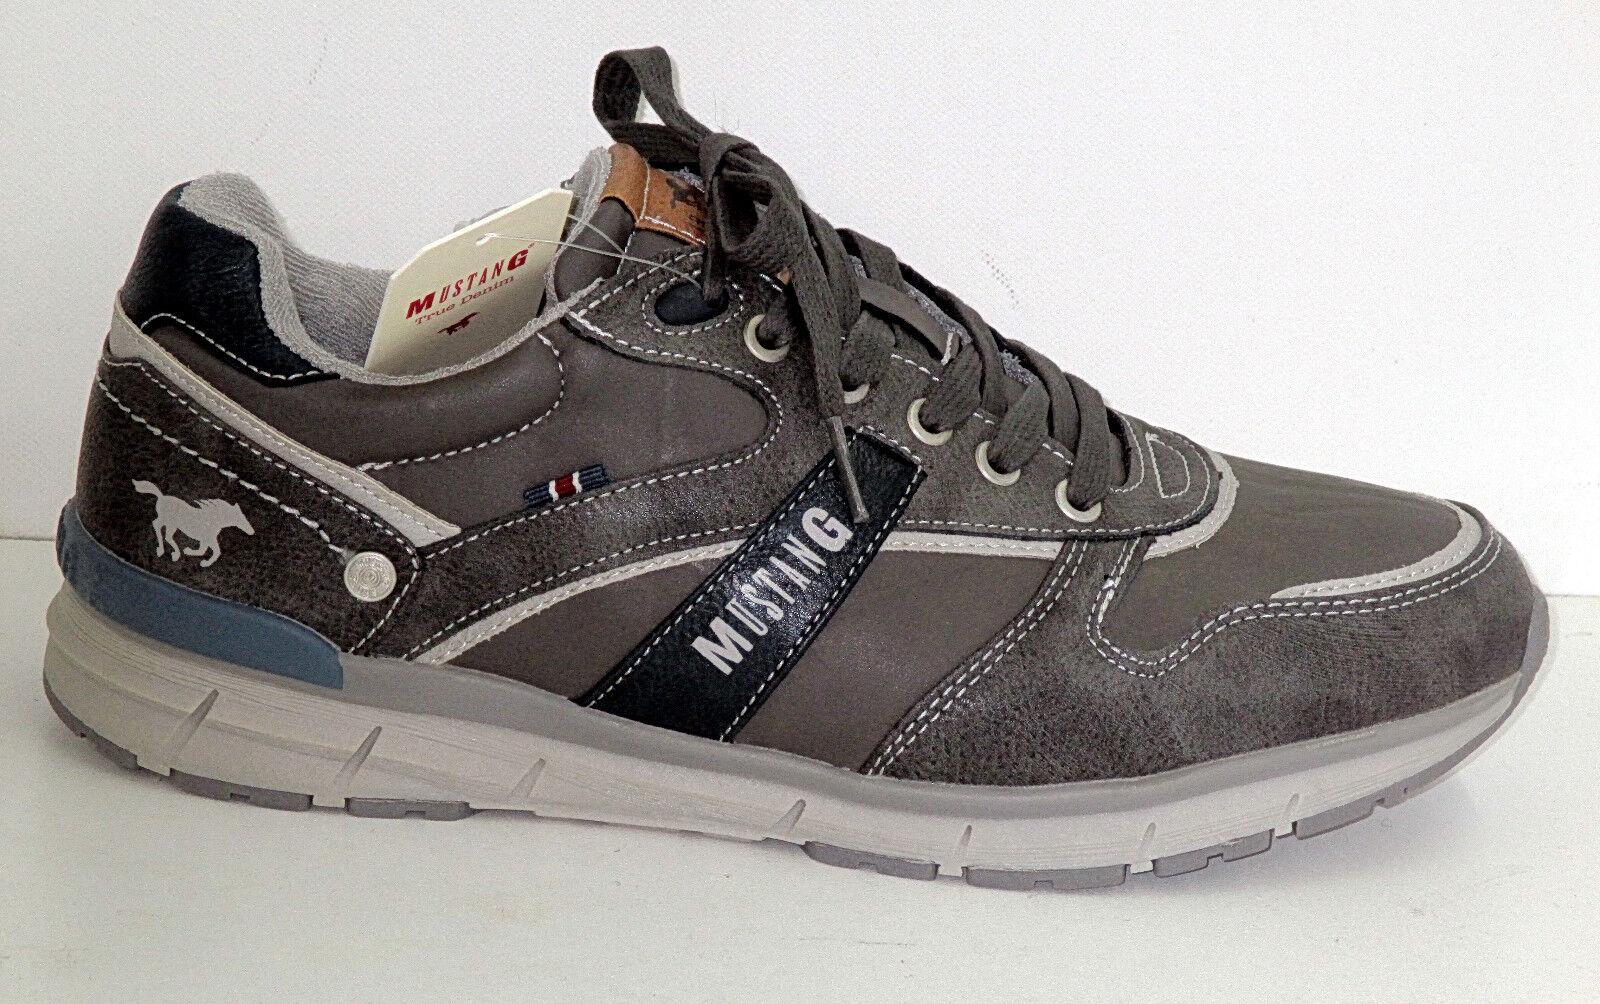 Mustang Scarpe uomo scarpe da ginnastica, art. 4131-303-2, Grigio, Nuovo +++ +++